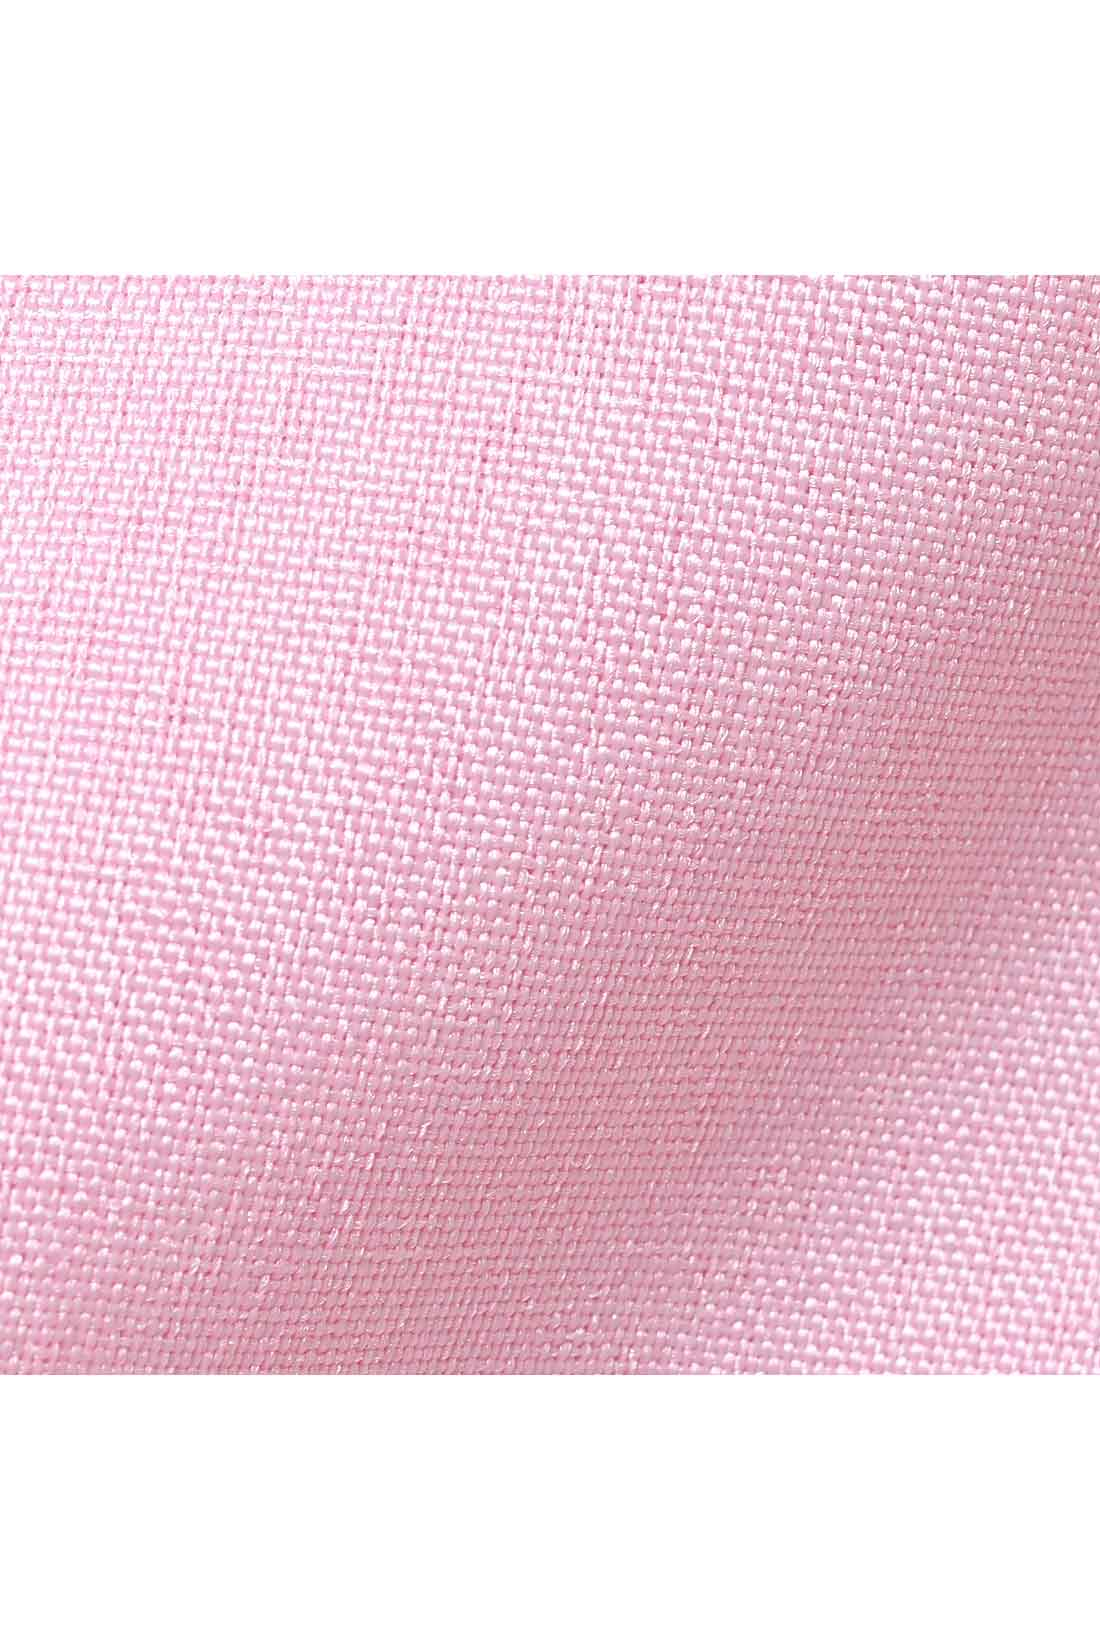 糸を染め分けることで、麻特有のネップのような杢感を表現したポリエステル素材。しわを気にせずノンアイロンで着られる、イージーケア素材です。